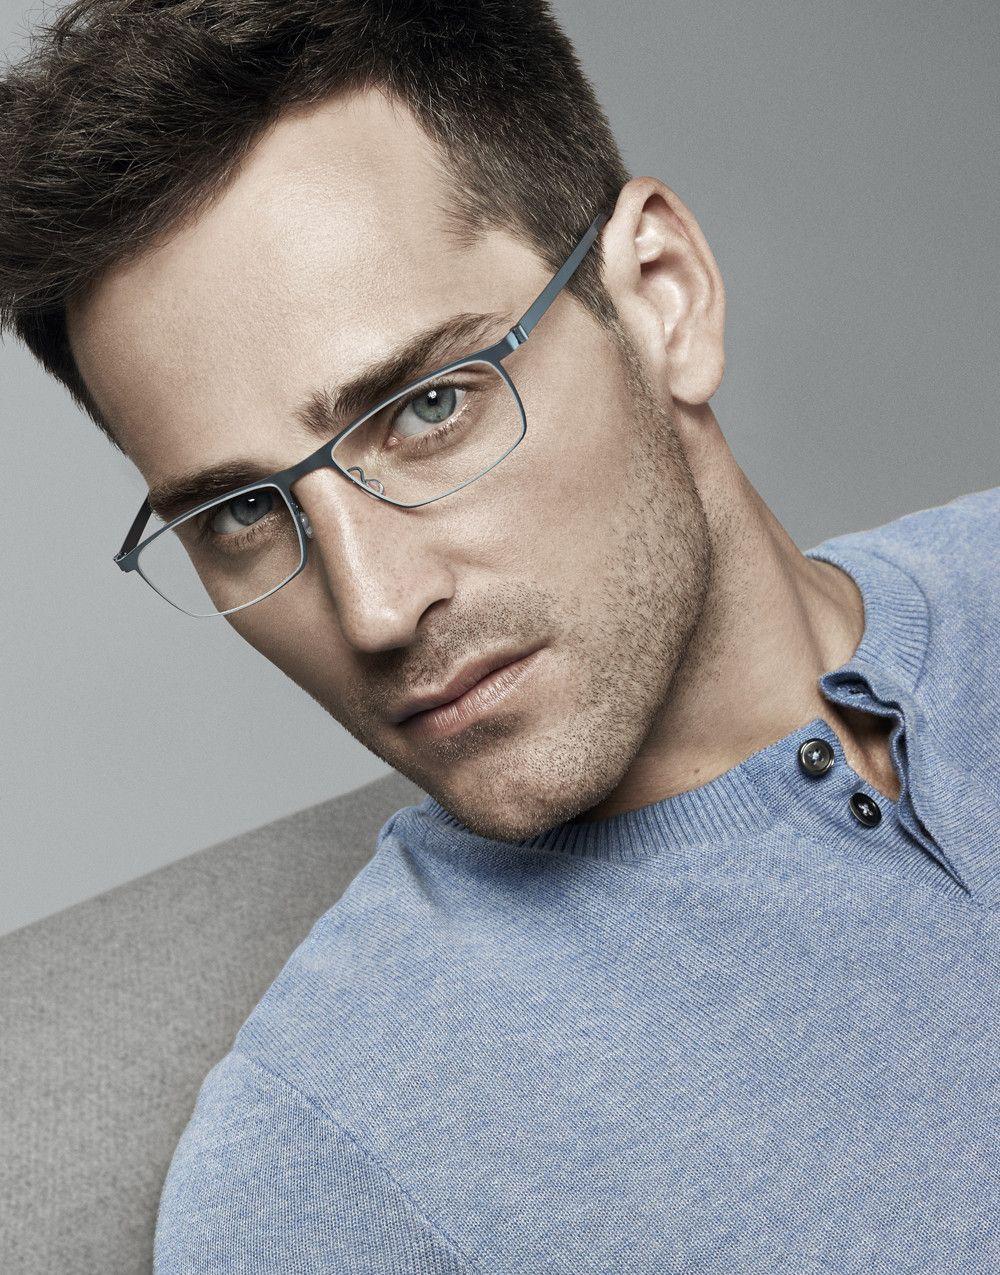 ce38b6492 LINDBERG Strip 9505 | eye in 2019 | Glasses, Eyeglasses, Eyewear